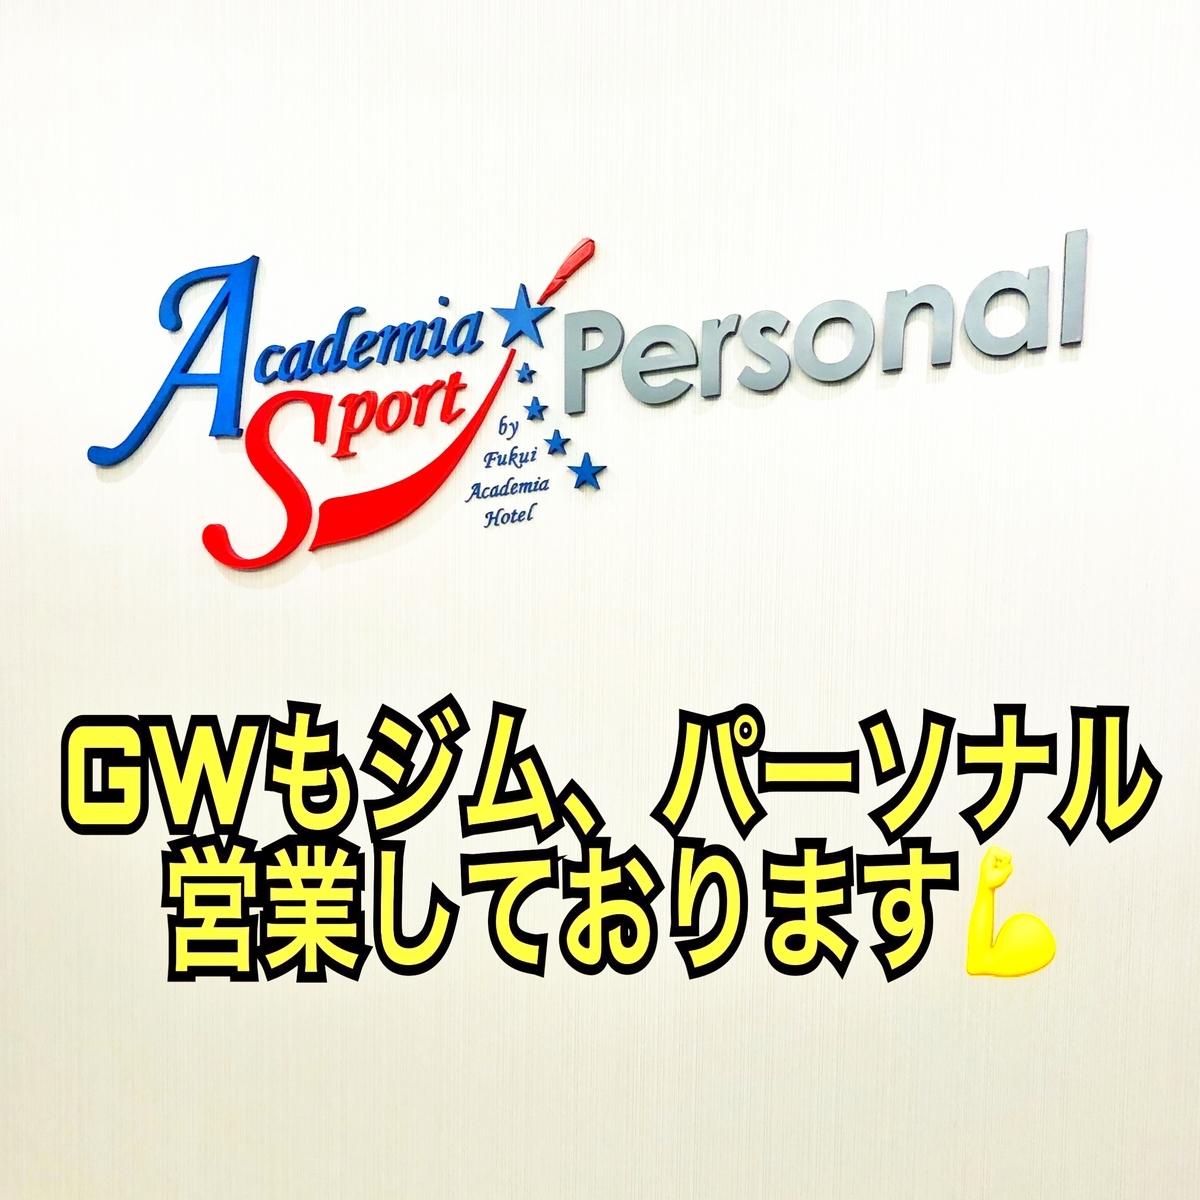 f:id:academia-sports:20190427201559j:plain